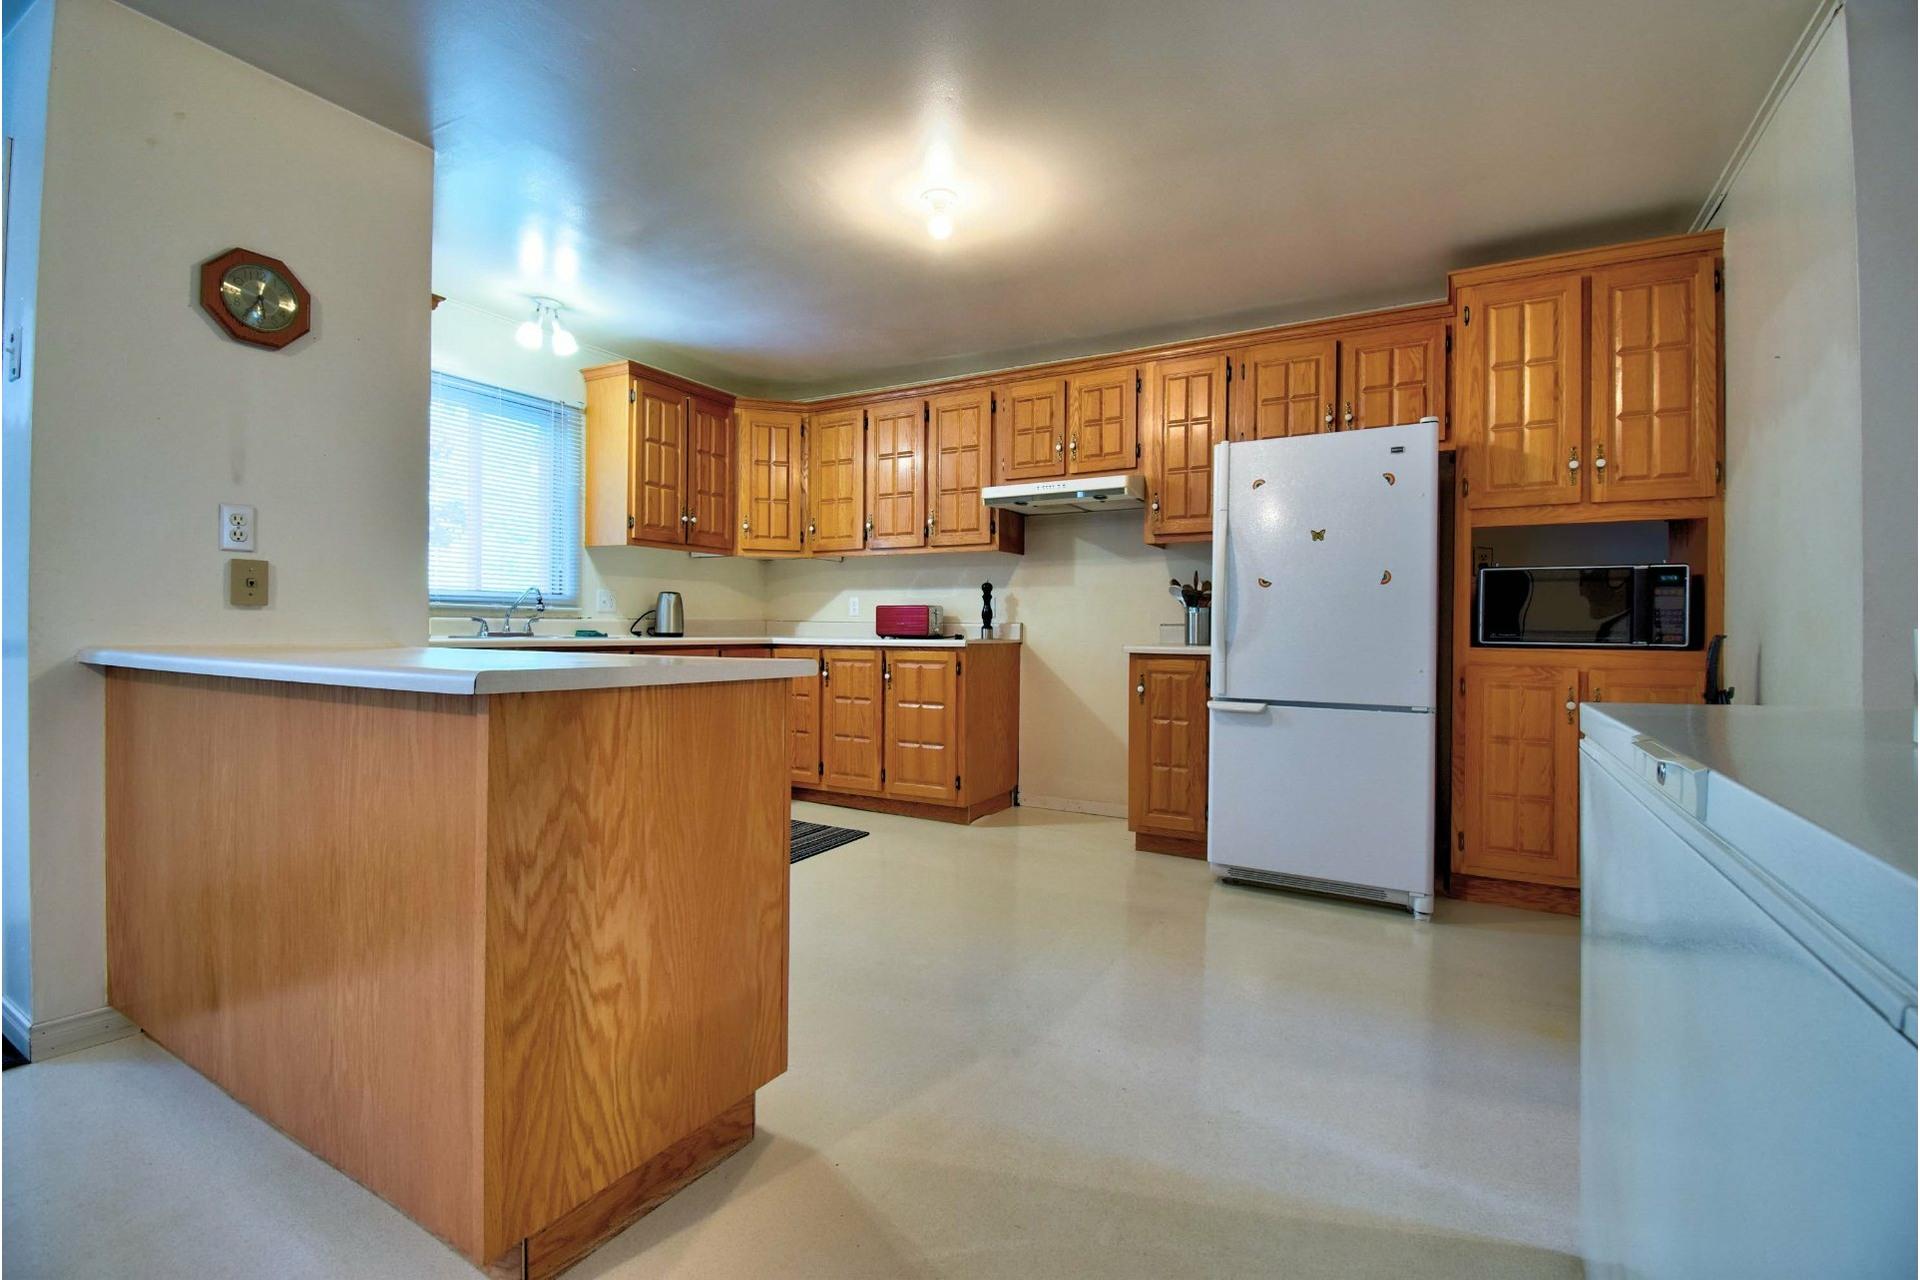 image 4 - House For sale Trois-Rivières - 6 rooms